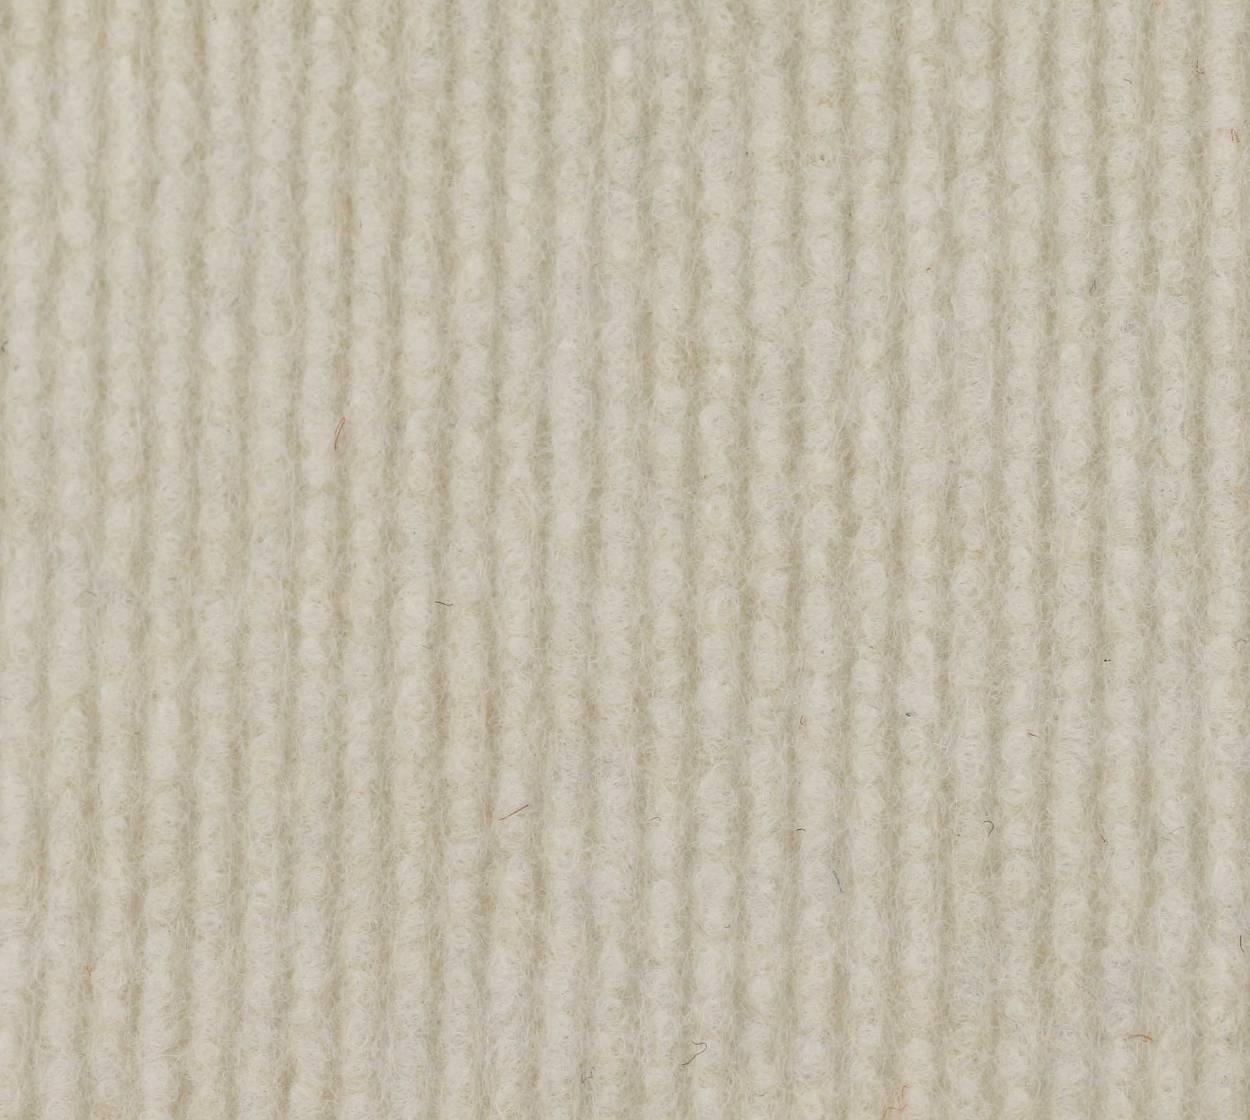 Eurorips - weiß, 1B02 im Stamm online Store München